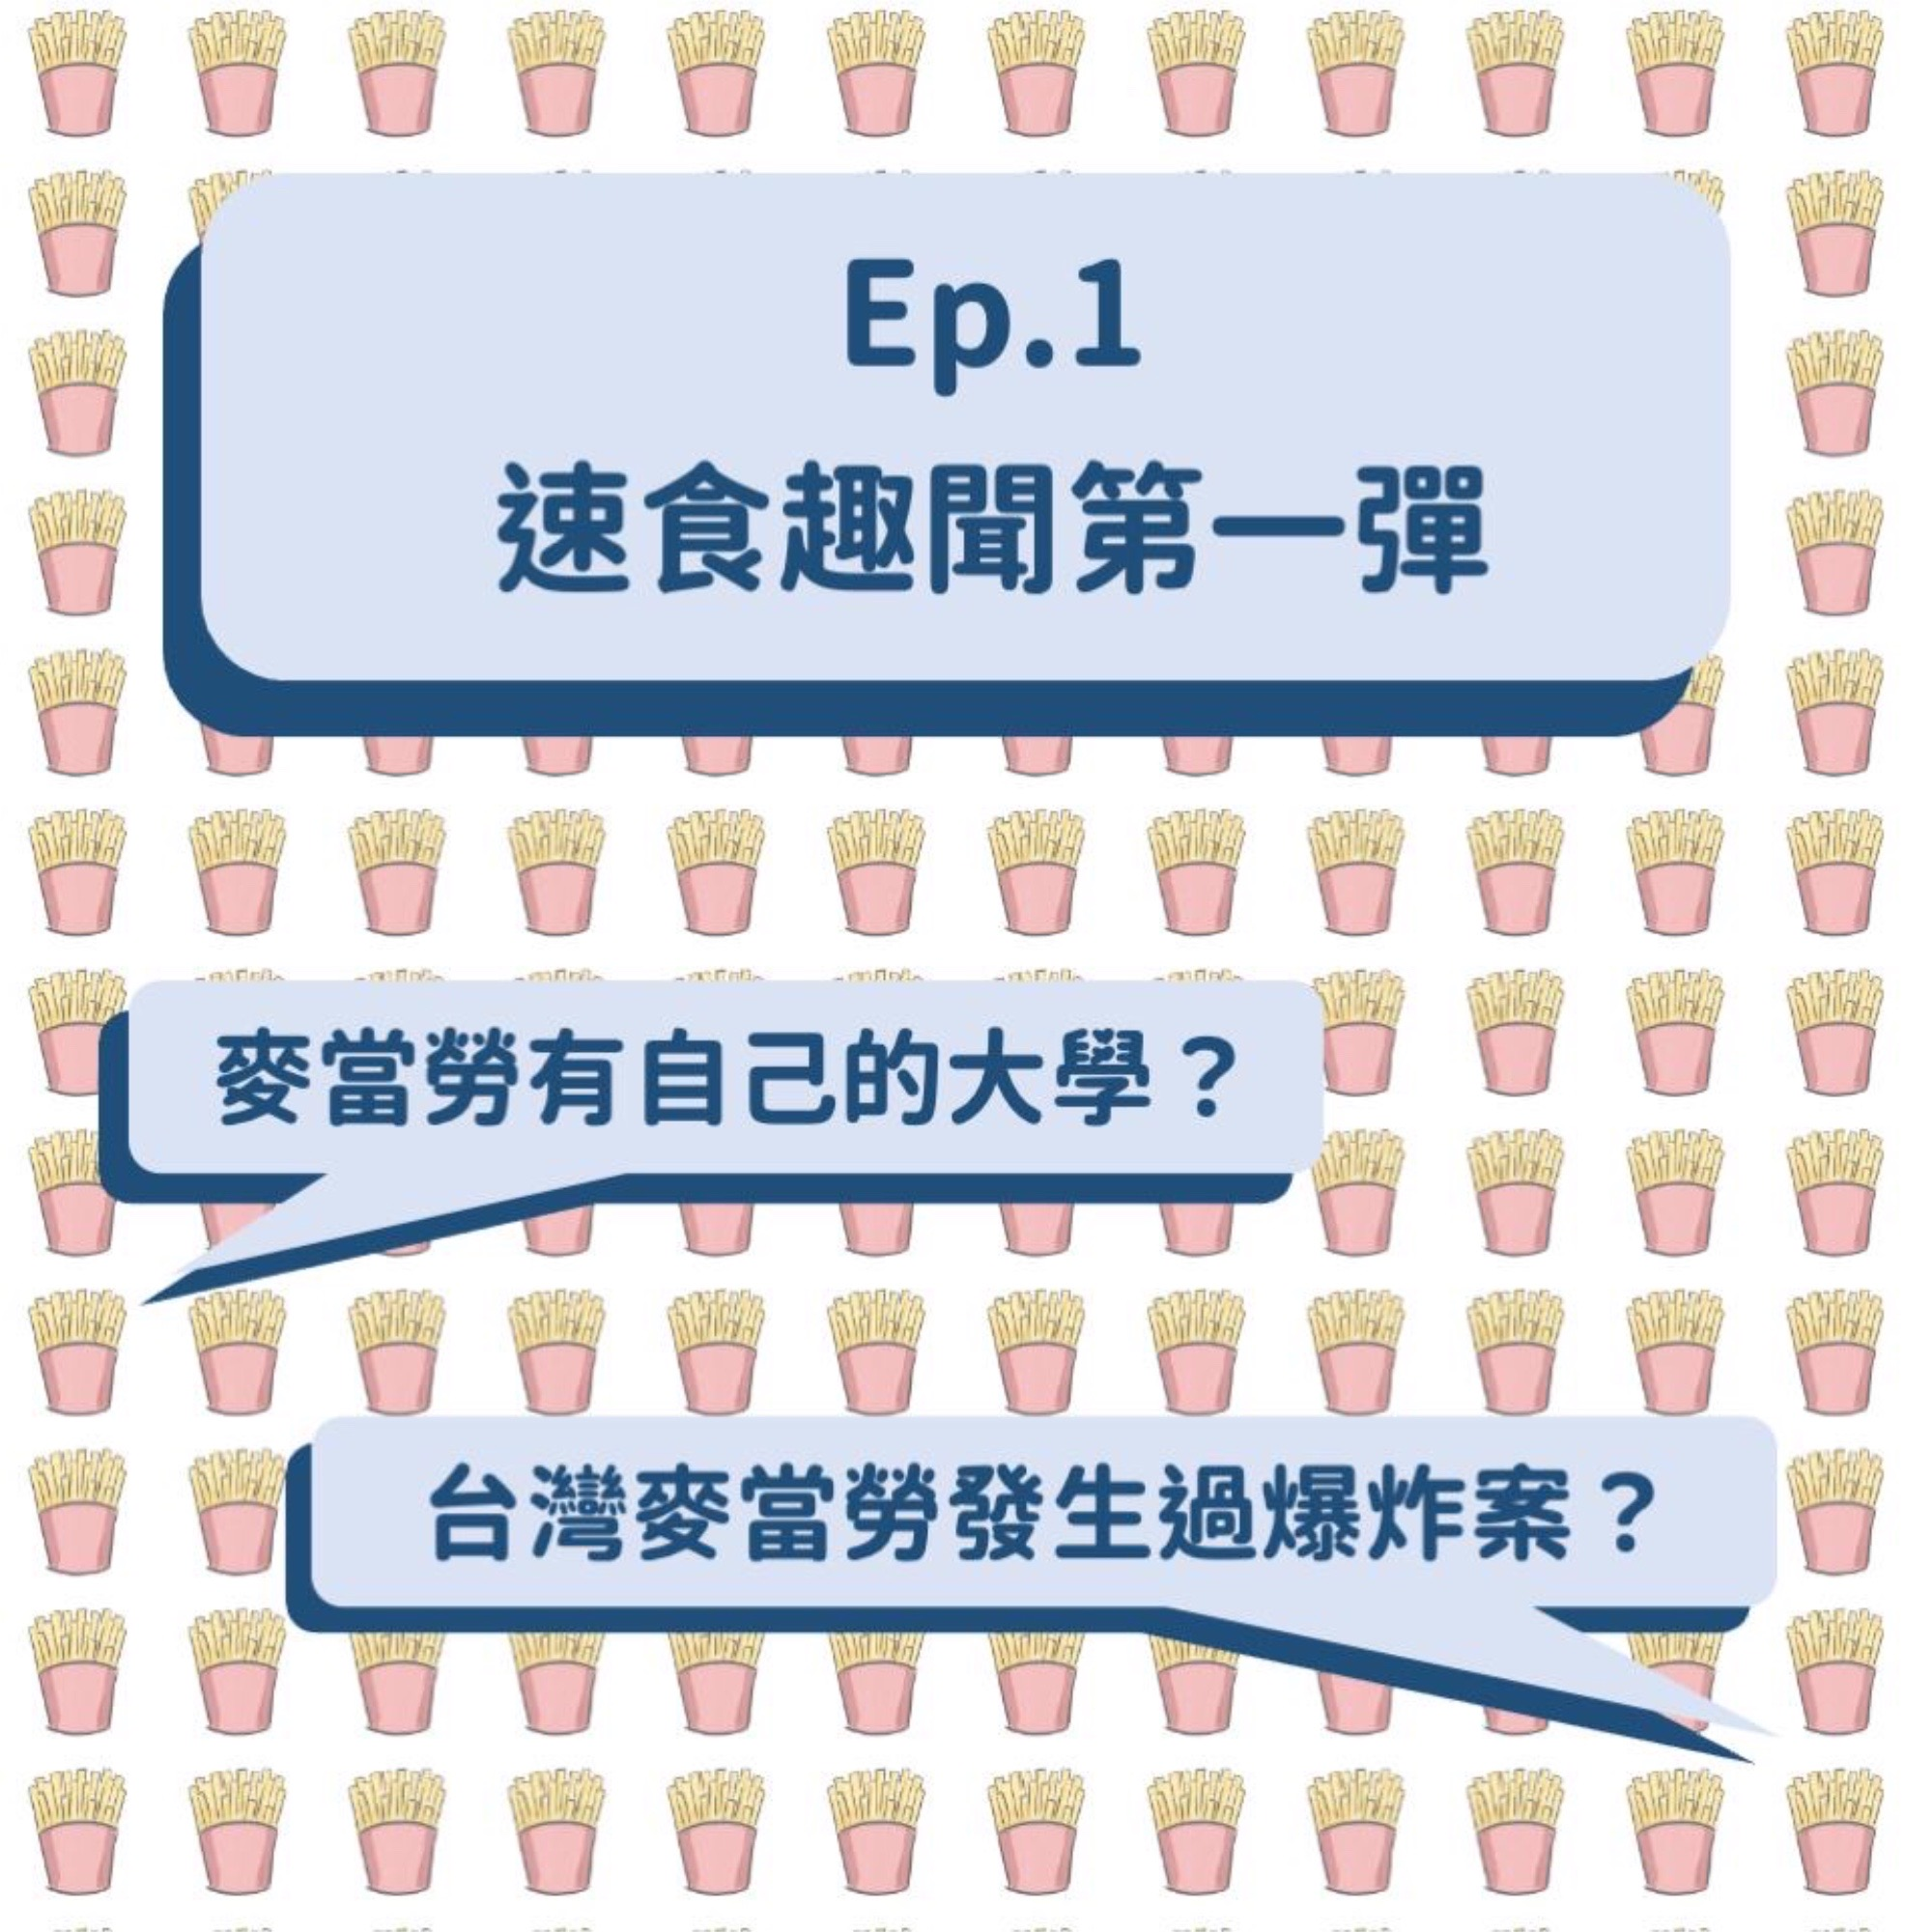 Ep.1 速食趣聞第一彈 麥當勞舉辦漢堡大學?台灣麥當勞發生過爆炸案?日本薯條吃到牙齒?